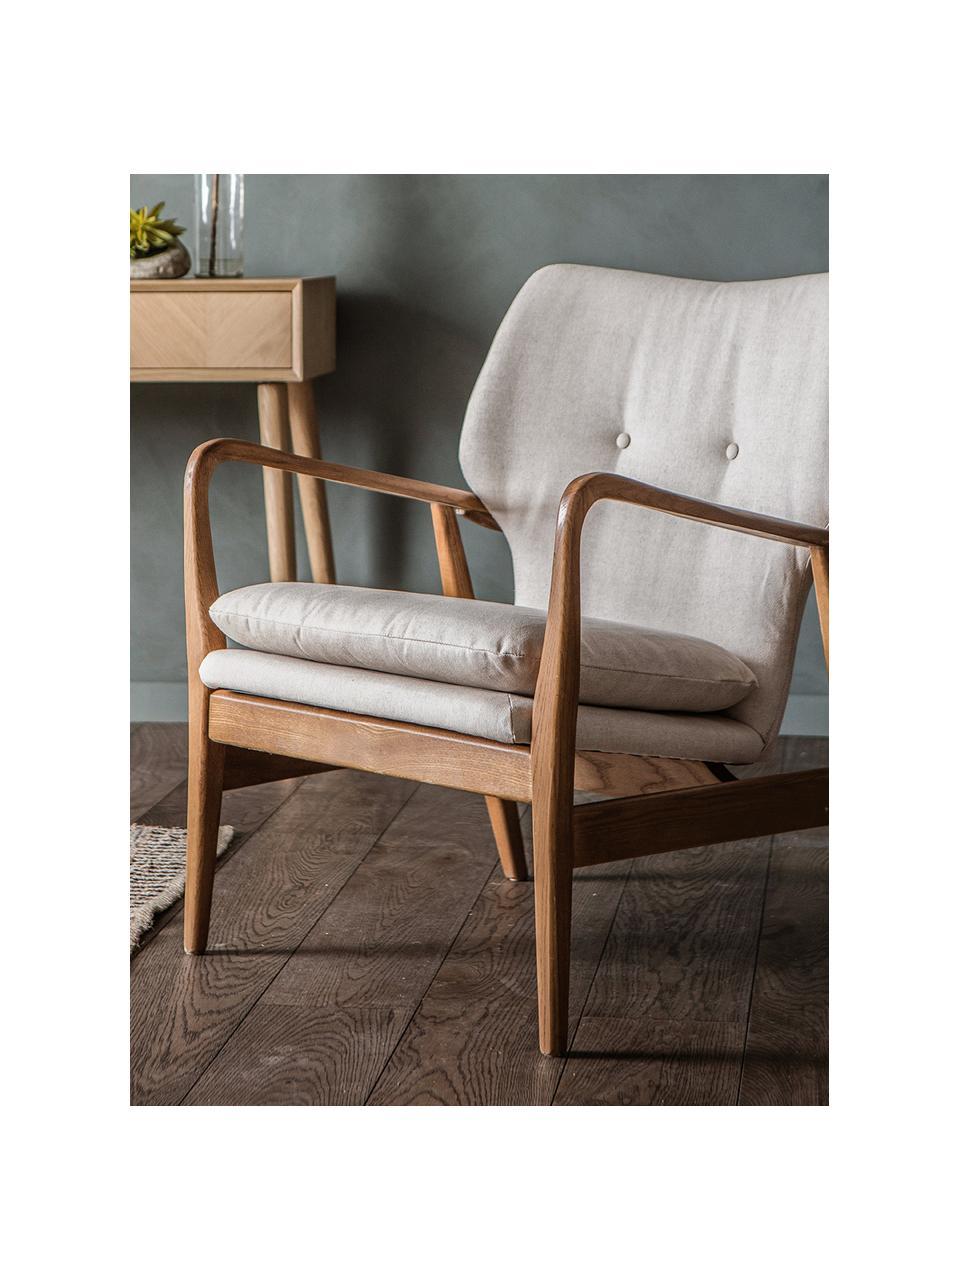 Fotel wypoczynkowy z drewna dębowego Jomlin, Tapicerka: len, Stelaż: drewno dębowe, Beżowy, S 70 x G 60 cm